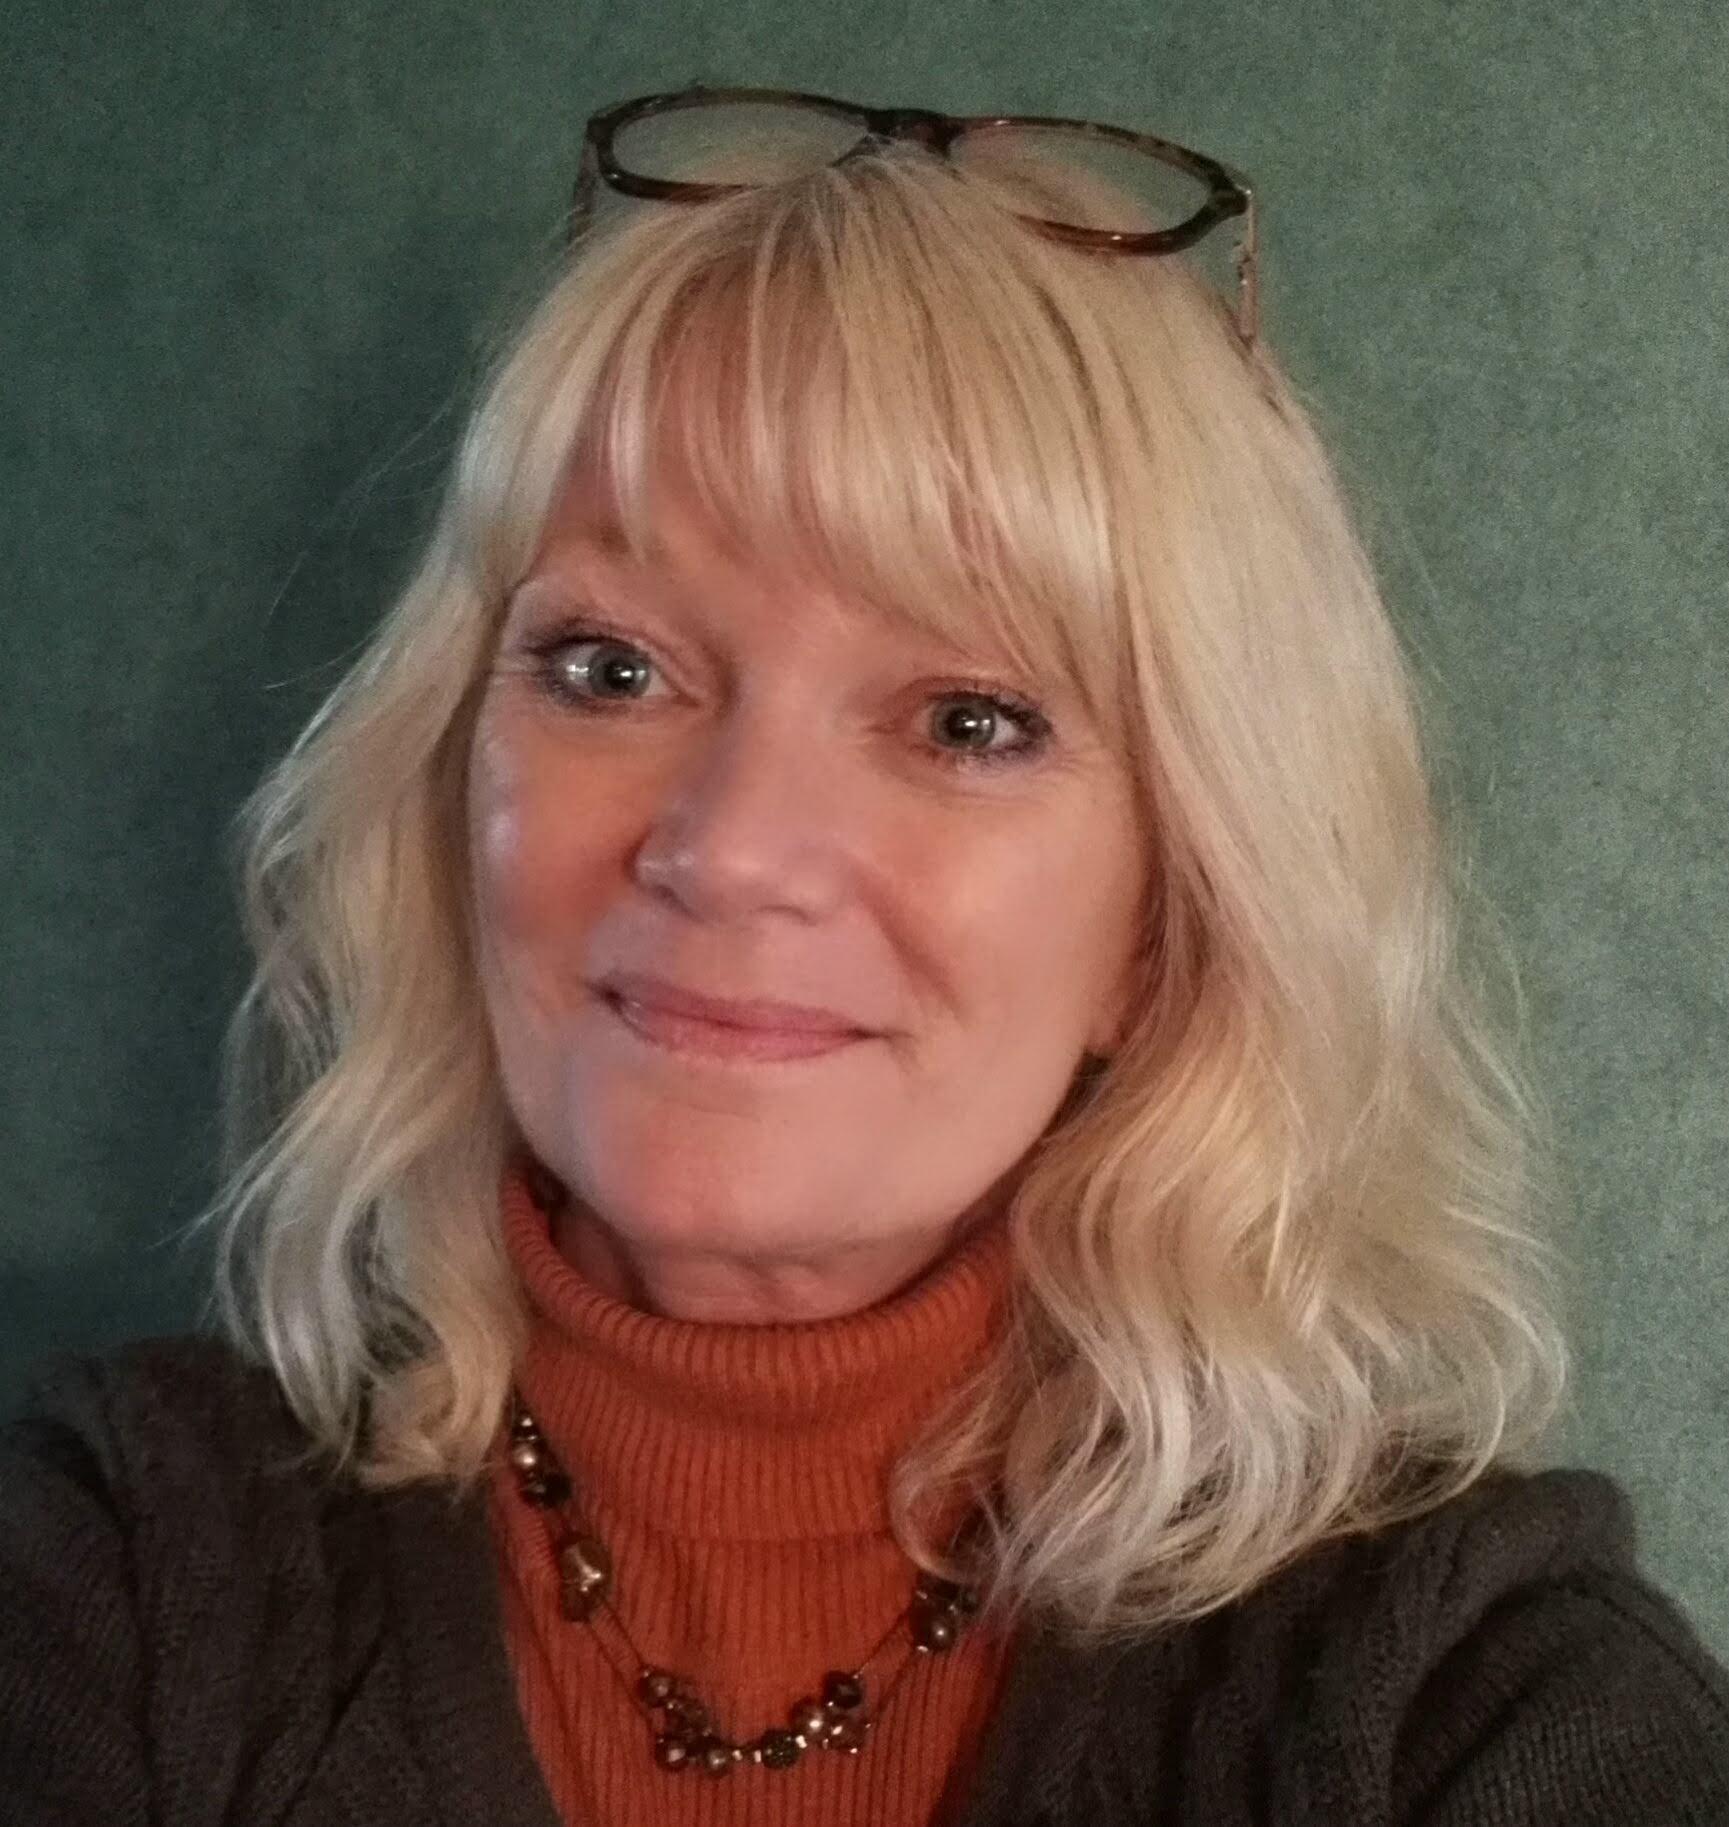 """Heidi Kahrs Damm   Instagram :  @heidilinen   E-post:  heidi@heidilines.no  Heidi Kahrs Damm har tegnet seg gjennom livet som tok til i 1960. Hun kan ikke forestille seg et liv uten blyanter, tusjer & pensler og Photoshop. Besettelsen førte henne til Otis/Parsons School of Design i Los Angeles i 1984. Etter 3 år i USA returnerte hun til Norge med blanke ark, og måtte erkjenne at tegning er ensomt arbeid. Løsningen ble en kombinasjon av 50% reiseliv, 50% kreativ. Etter 25 år ble reiseliv byttet ut med eldreomsorg, og hun er nå er ansatt som aktivitør på et eldresenter. Tegning er fremdeles obligatorisk og fungerer som batterilader, meditasjon og freelancejobb. Kundene er mange og varierte og inkluderer oljefirma, skoler, en medisinsk innovasjonsaktør, tidsskift og ukeblad, samt private. Heidi er lykkelig gift og har 3 voksne barn + 2 voksne bonusbarn. Hun har utgitt 3 barnebøker med Bliss symbolspråk på eget forlag, støttet av foreningen Leser søker bok.  Heidi har illustrert boken  """"Spøkelsesprinsessen""""  av Sperre & Kjartanson og bøkene """"Krabben Klara og konkylien"""" og """"Ninjana"""", utgitt i 2019. Heidi har også andre prosjekter på gang i samarbeid med Tegn Forlag."""